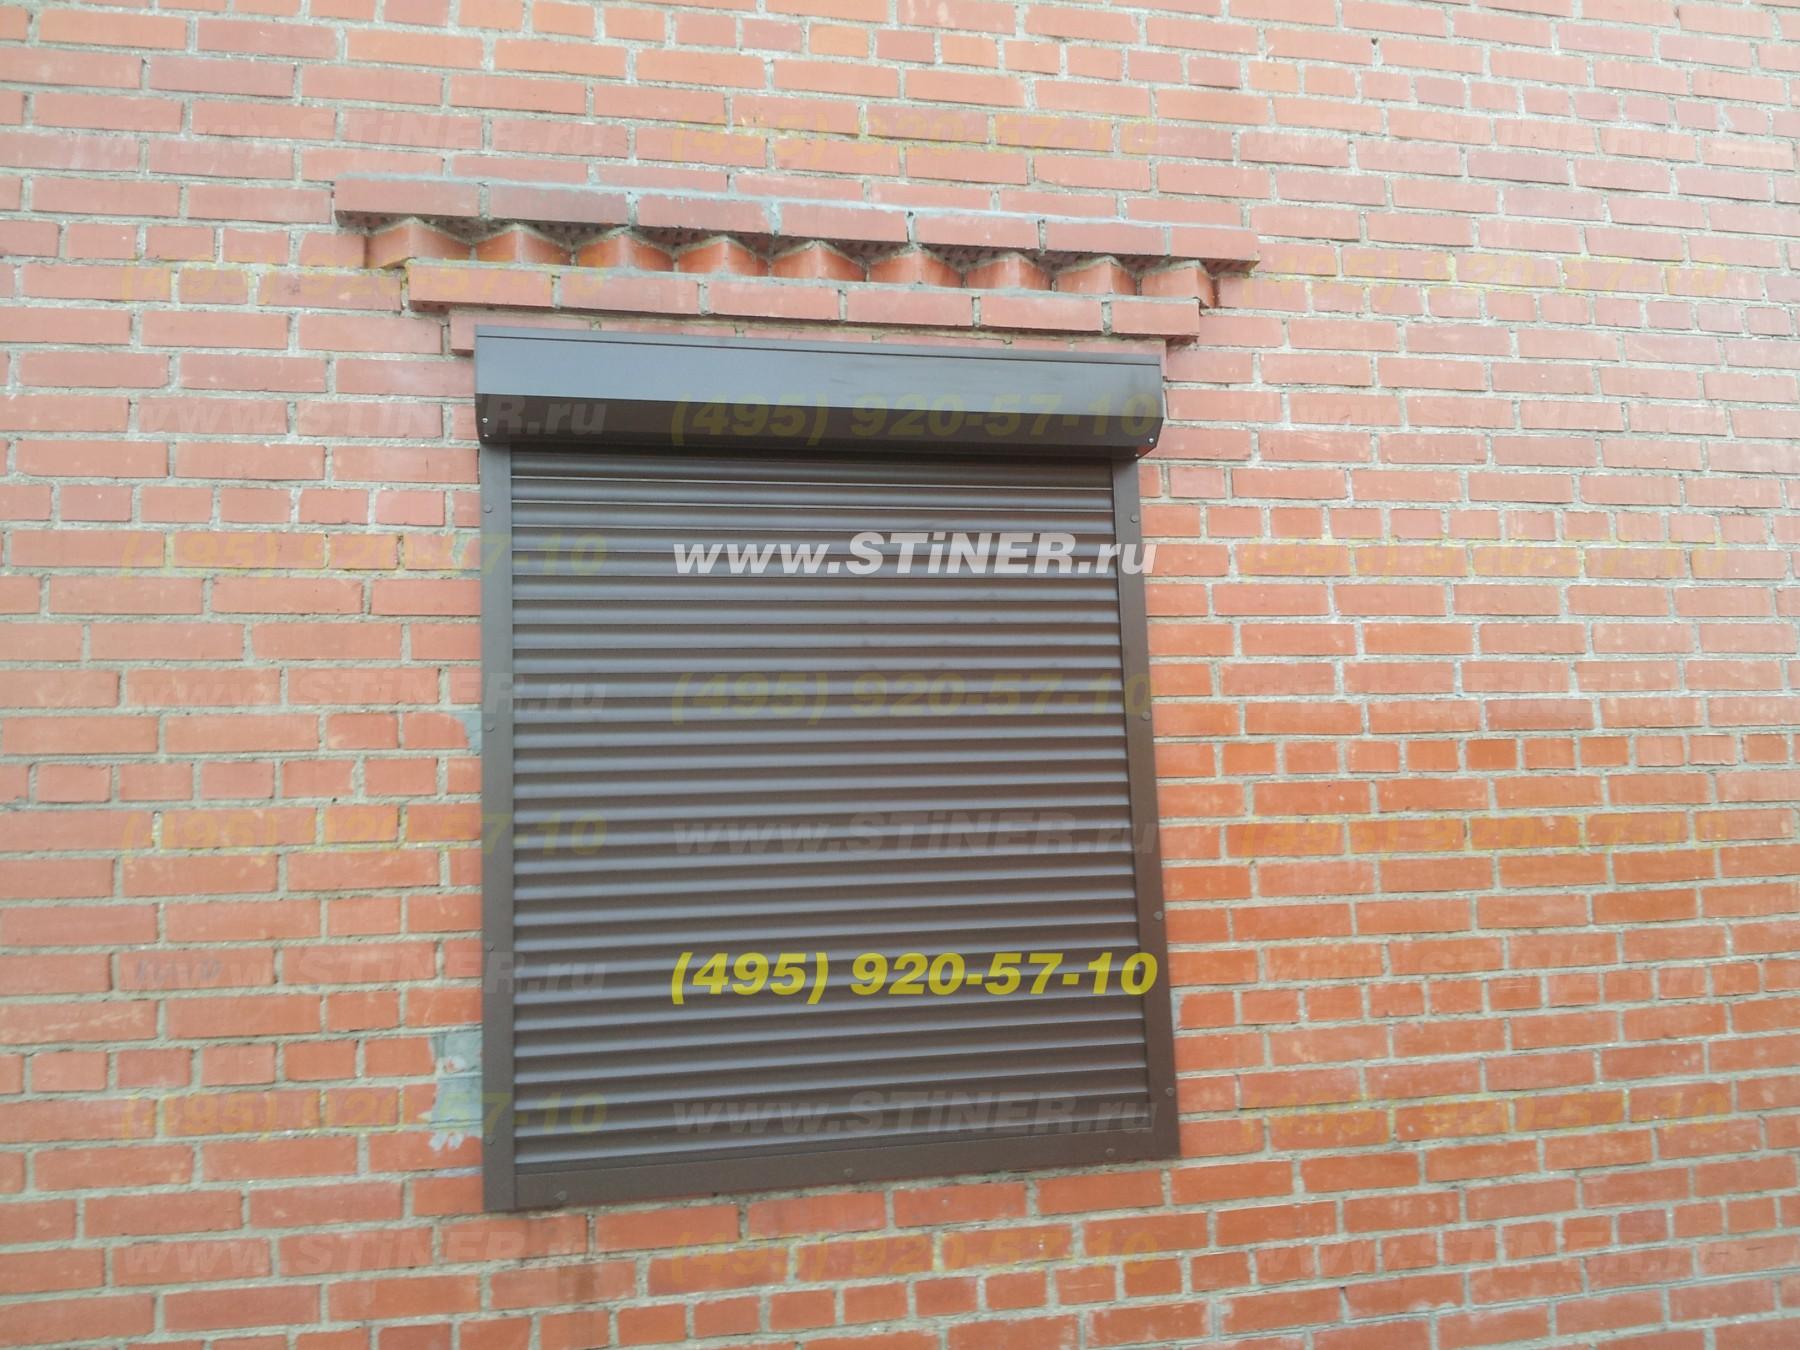 установленные защитные жалюзи на доме из красного кирпича